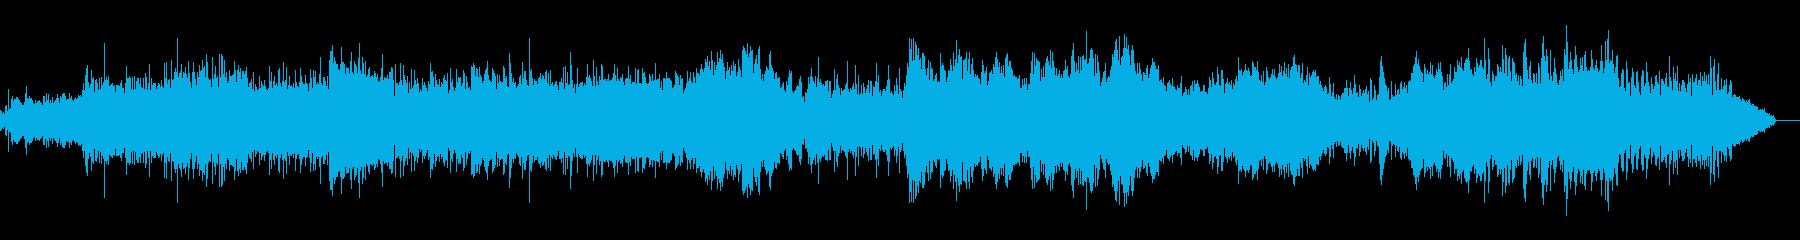 シンプルで調性のないシネマティックBGMの再生済みの波形